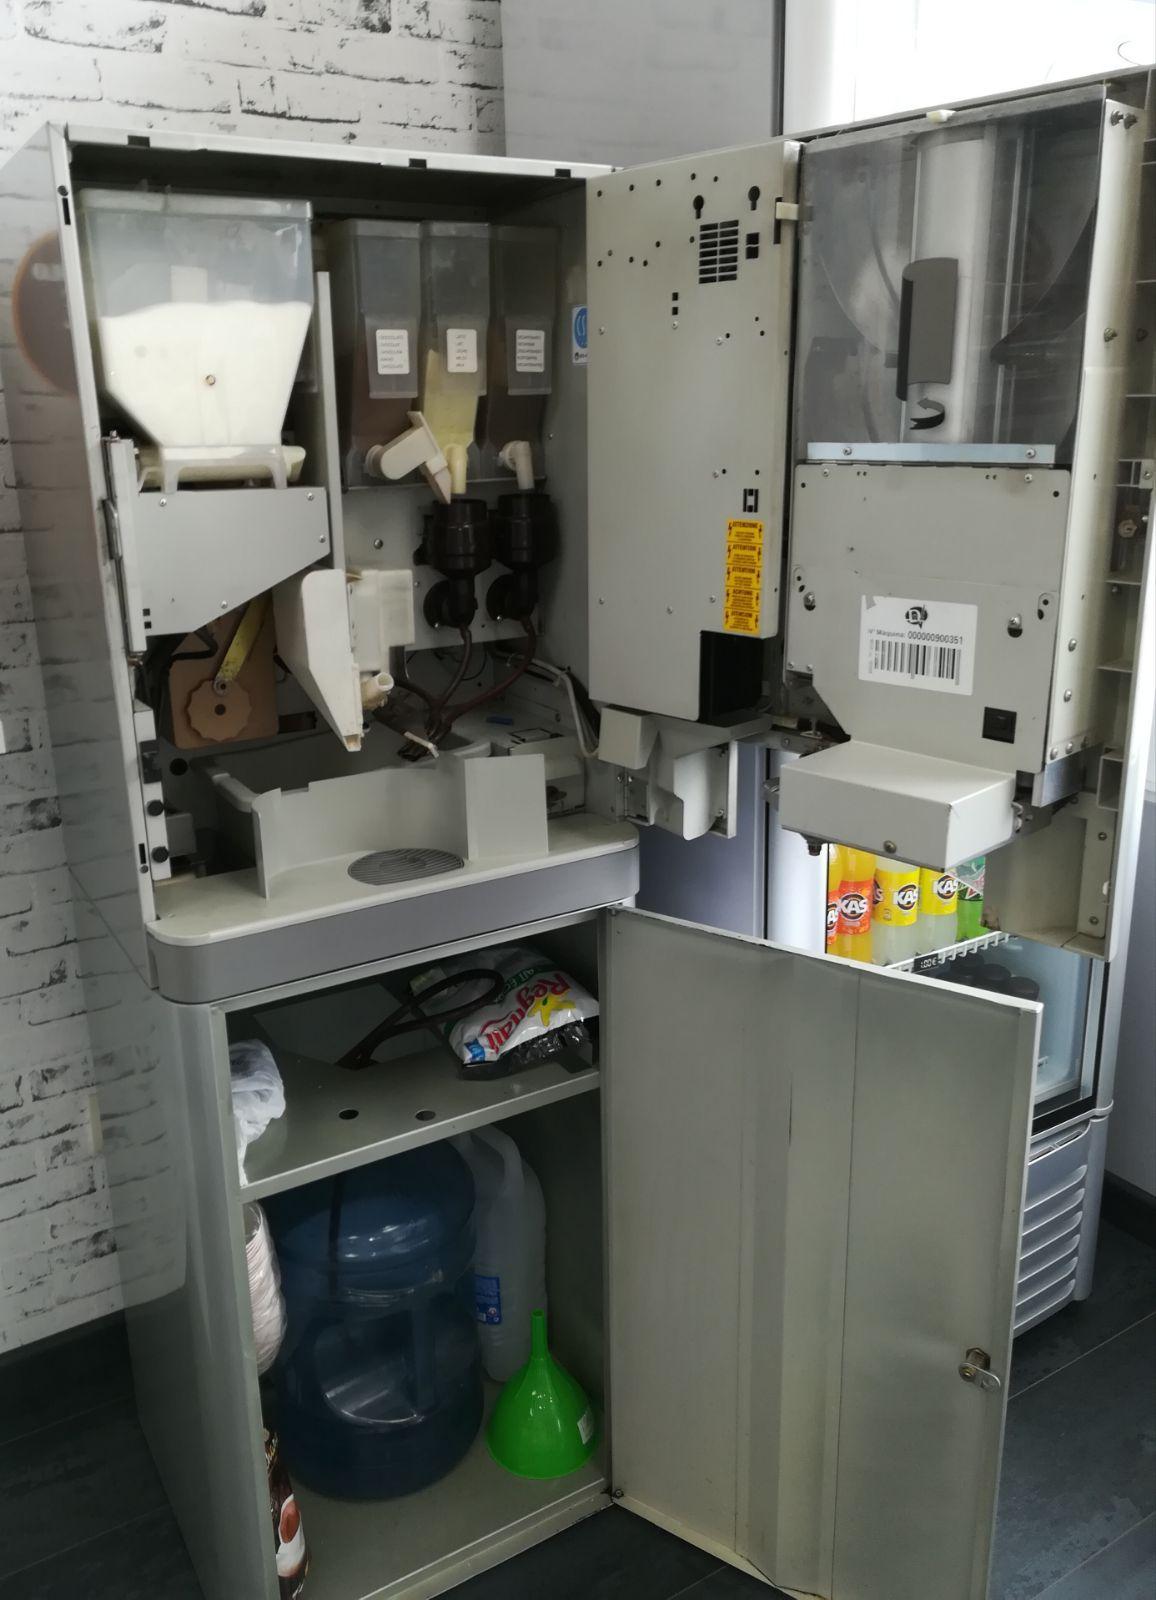 Instalación, mantenimiento y reparación de máquinas expendedoras